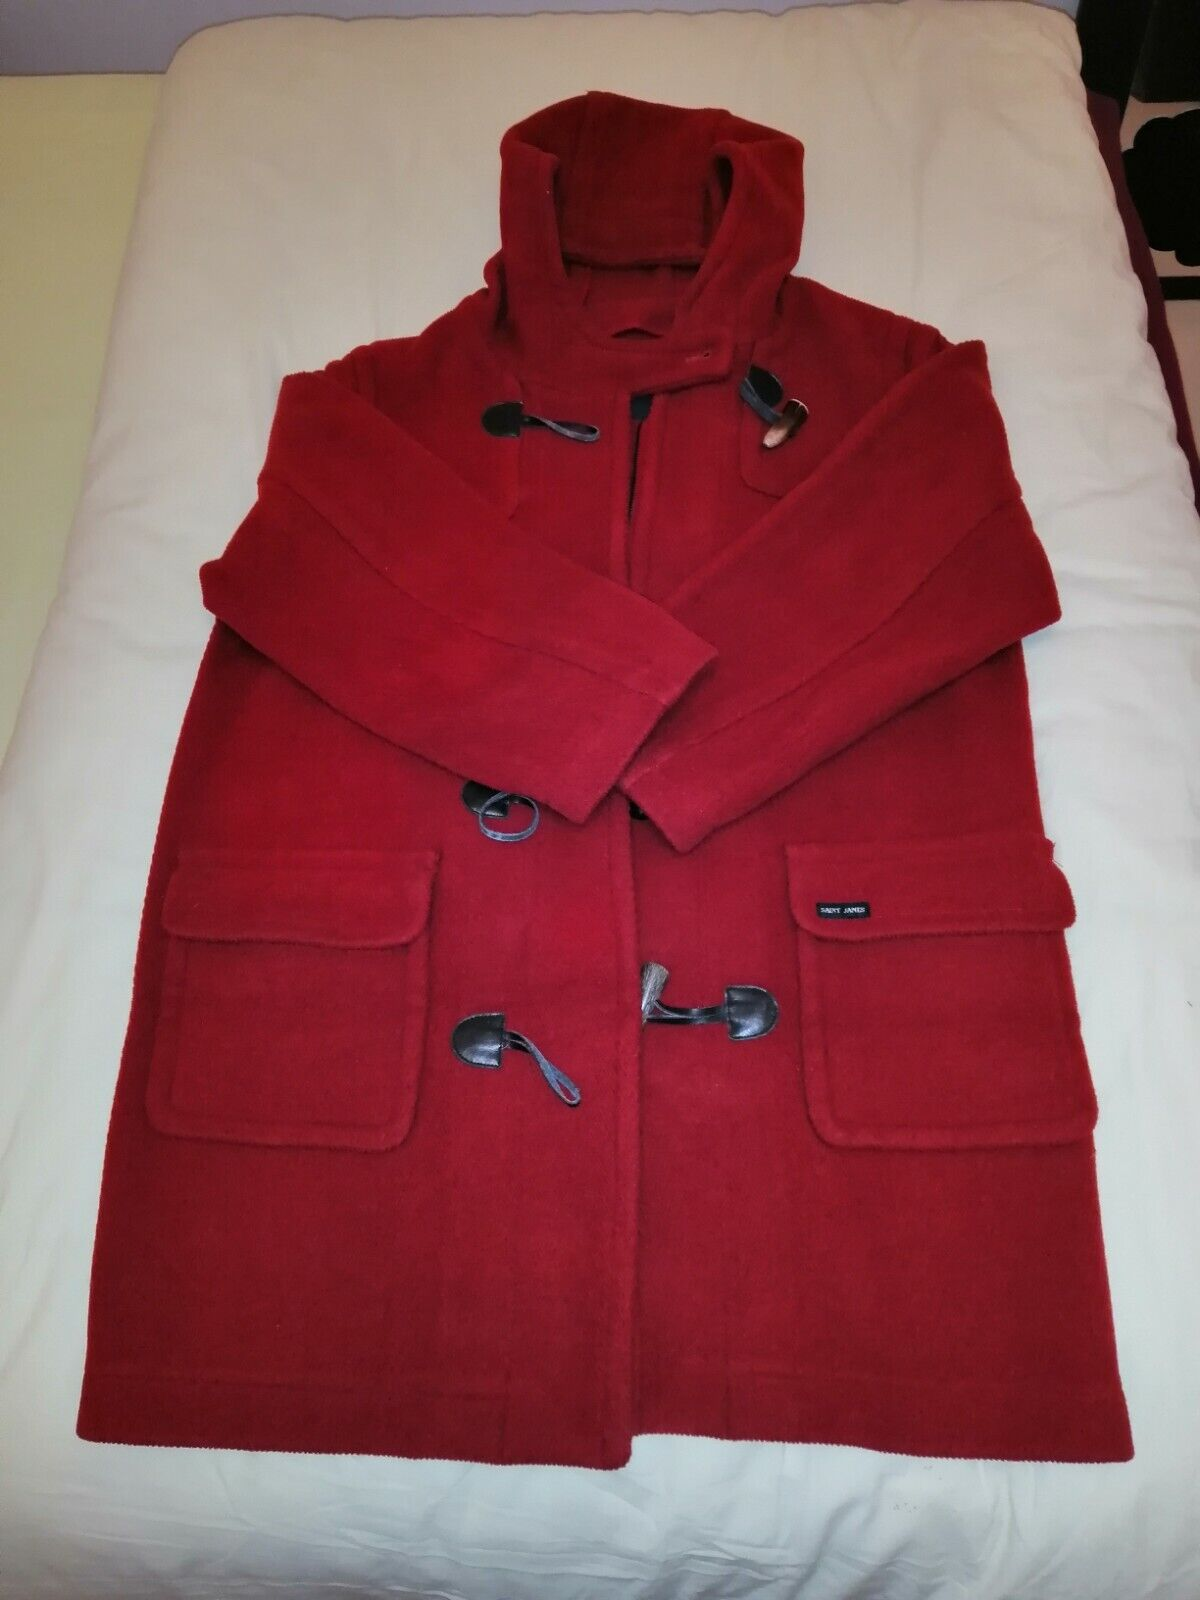 duffle coat saint james rouge femme taille 40